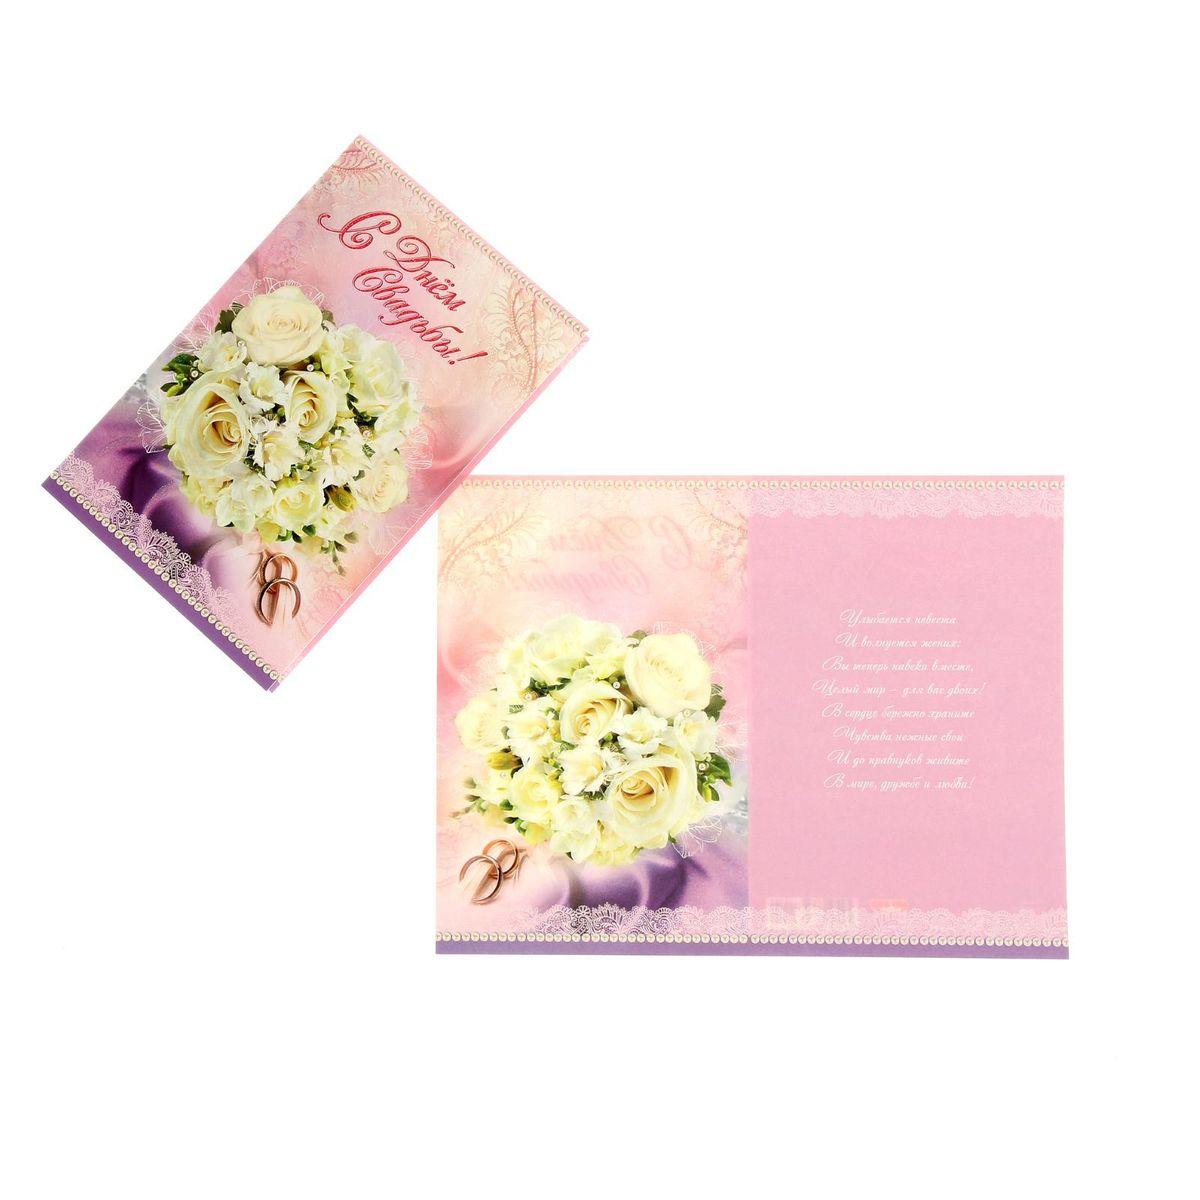 Открытка Миленд С днем свадьбы! Белые розы1376714Если вы хотите порадовать себя или близких, создать праздничное настроение и с улыбкой провести памятный день, то вы, несомненно, сделали правильный выбор! Открытка Миленд С днем свадьбы! Белые розы, выполненная из плотной бумаги, отличается не только оригинальным дизайном, но и высоким качеством. Лицевая сторона изделия оформлена ярким изображением. Внутри открытка содержит текст с поздравлением. Такая открытка непременно порадует получателя и станет отличным напоминанием о проведенном вместе времени.